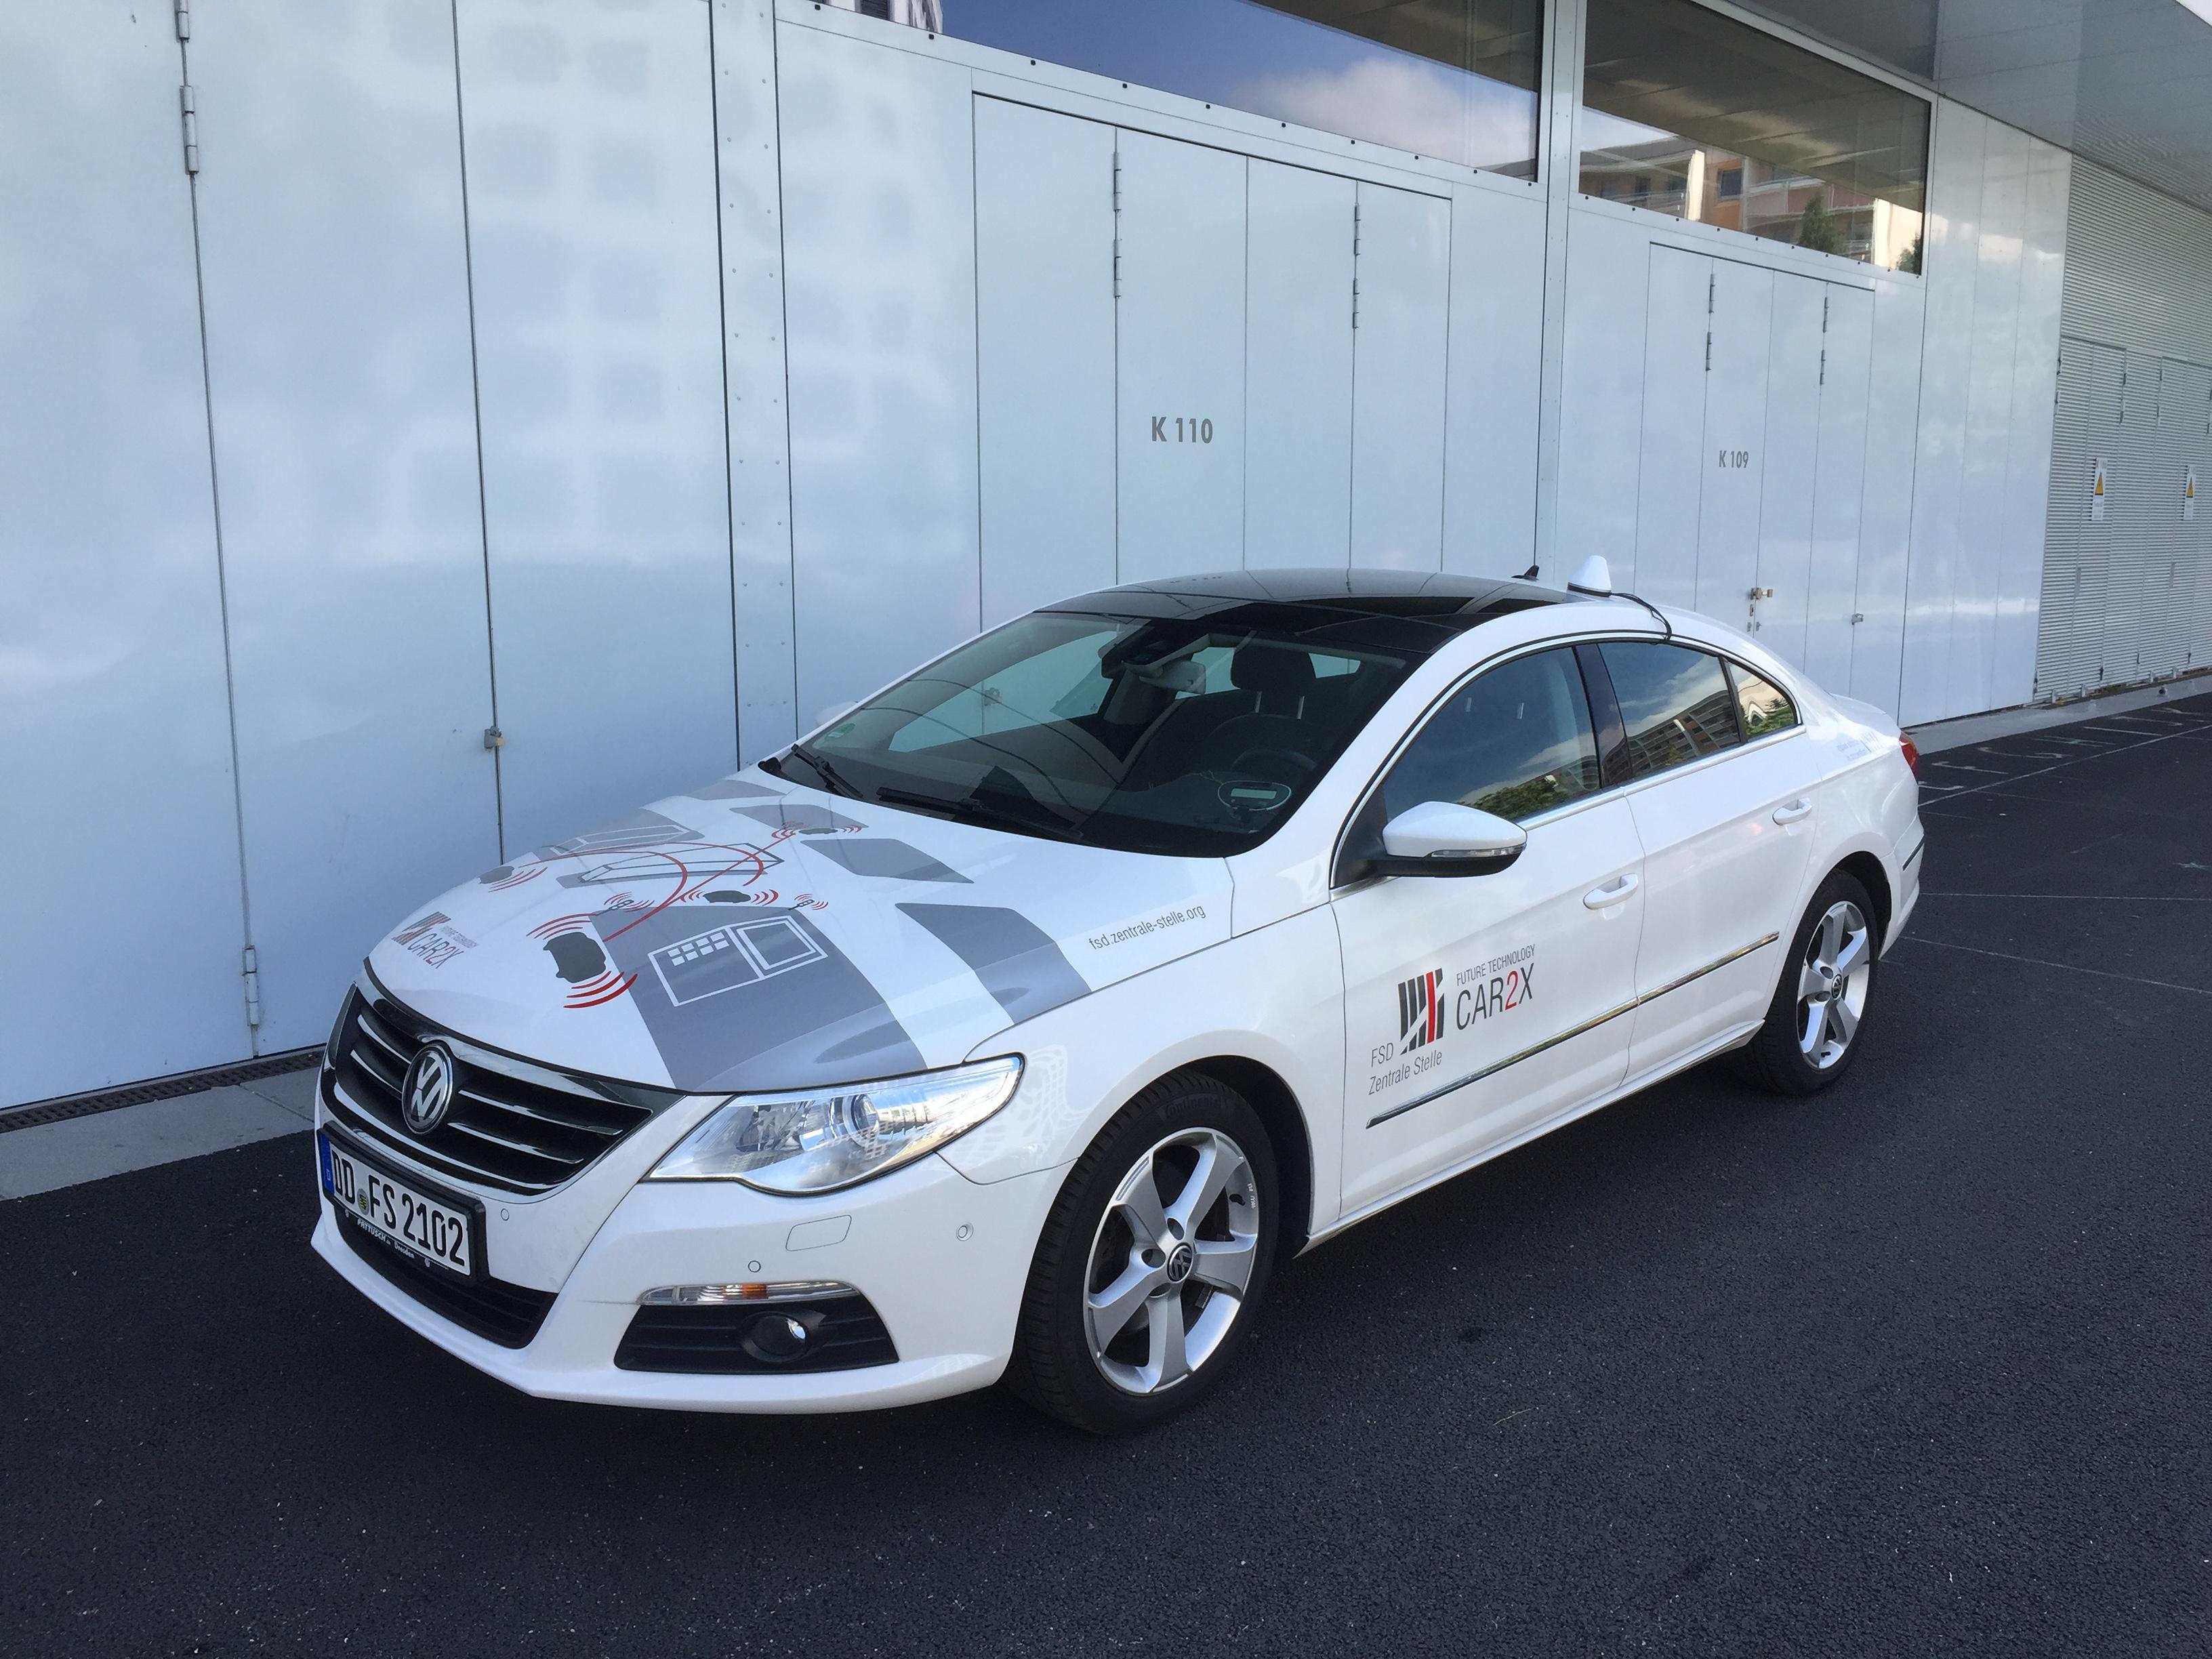 Entwicklung von Prüftechnologie für vernetzte Fahrzeuge (Car2x-Kommunikation)